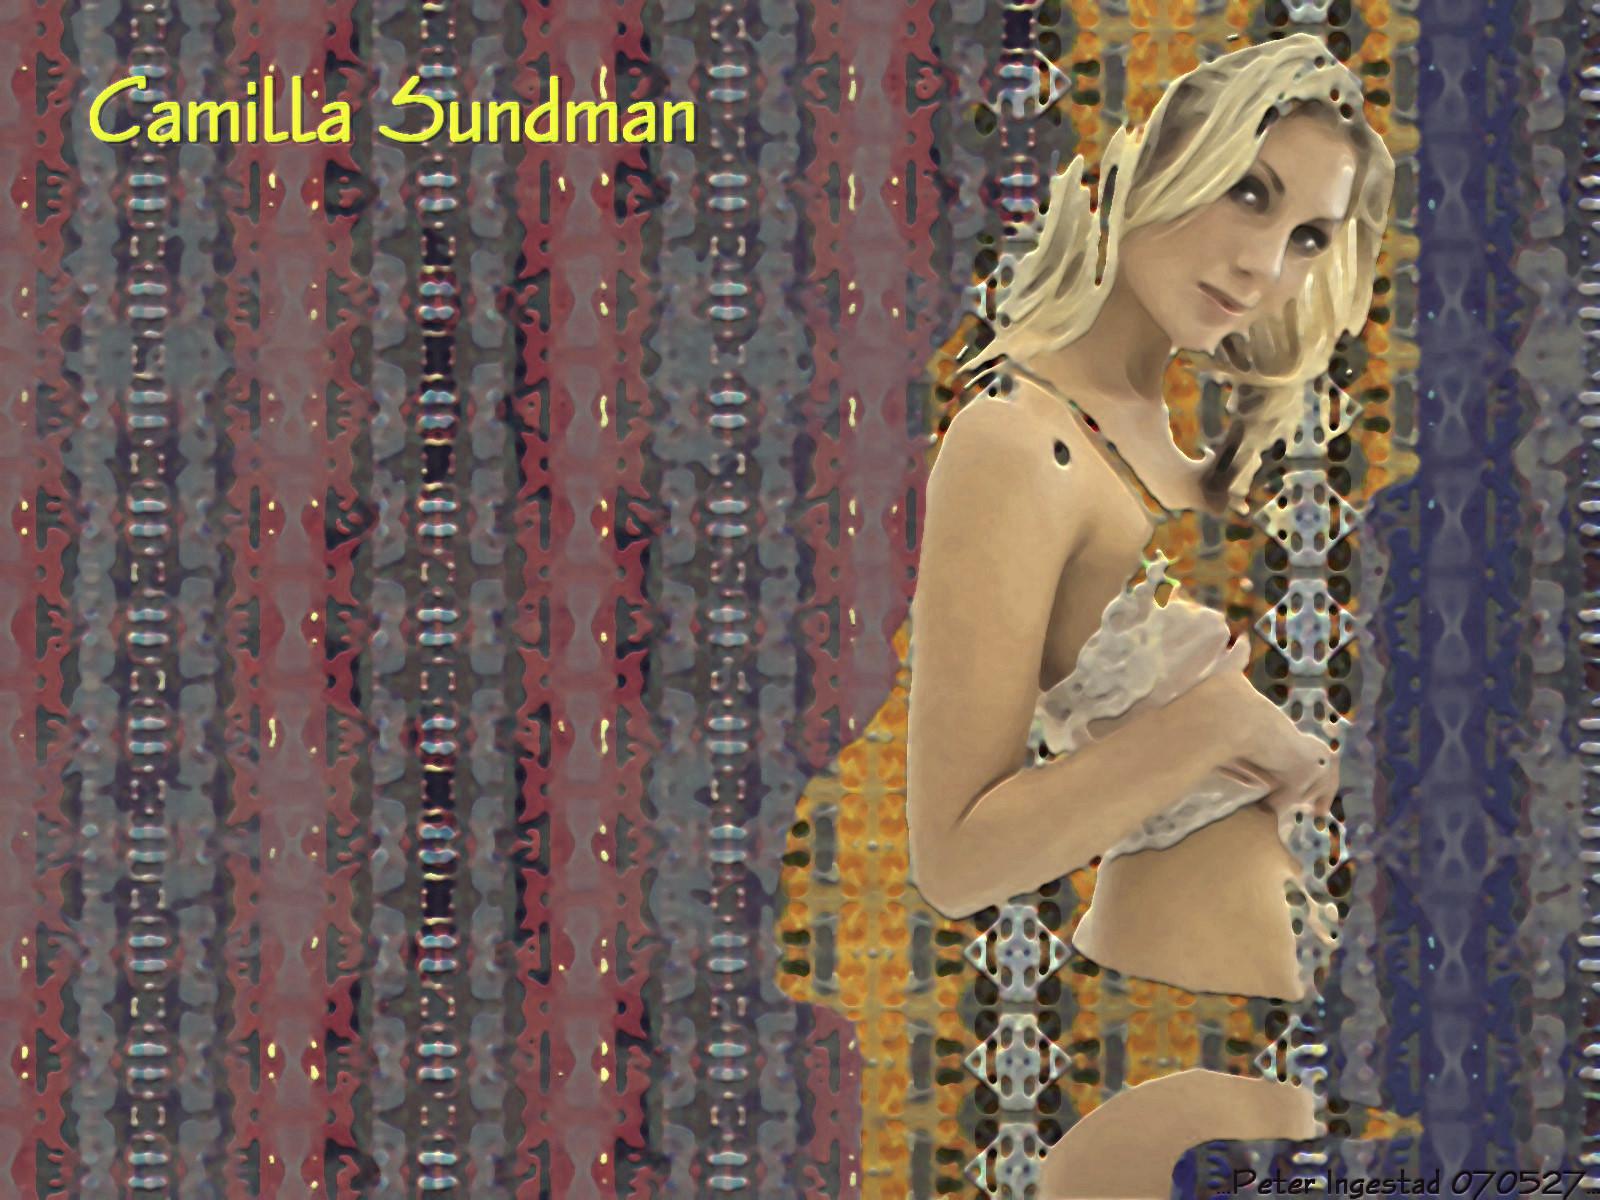 Camilla sundman 2